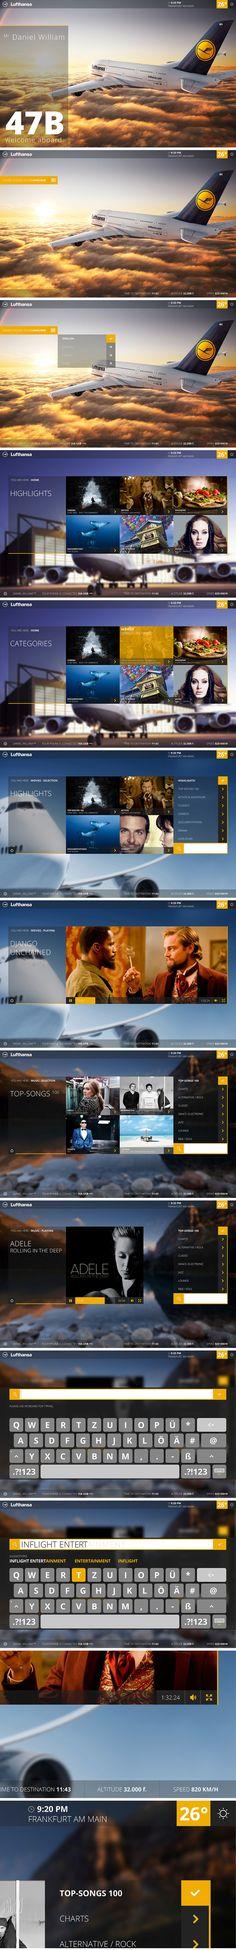 Lufthansa Inflight • UI by Jens Kreuter , via Behance